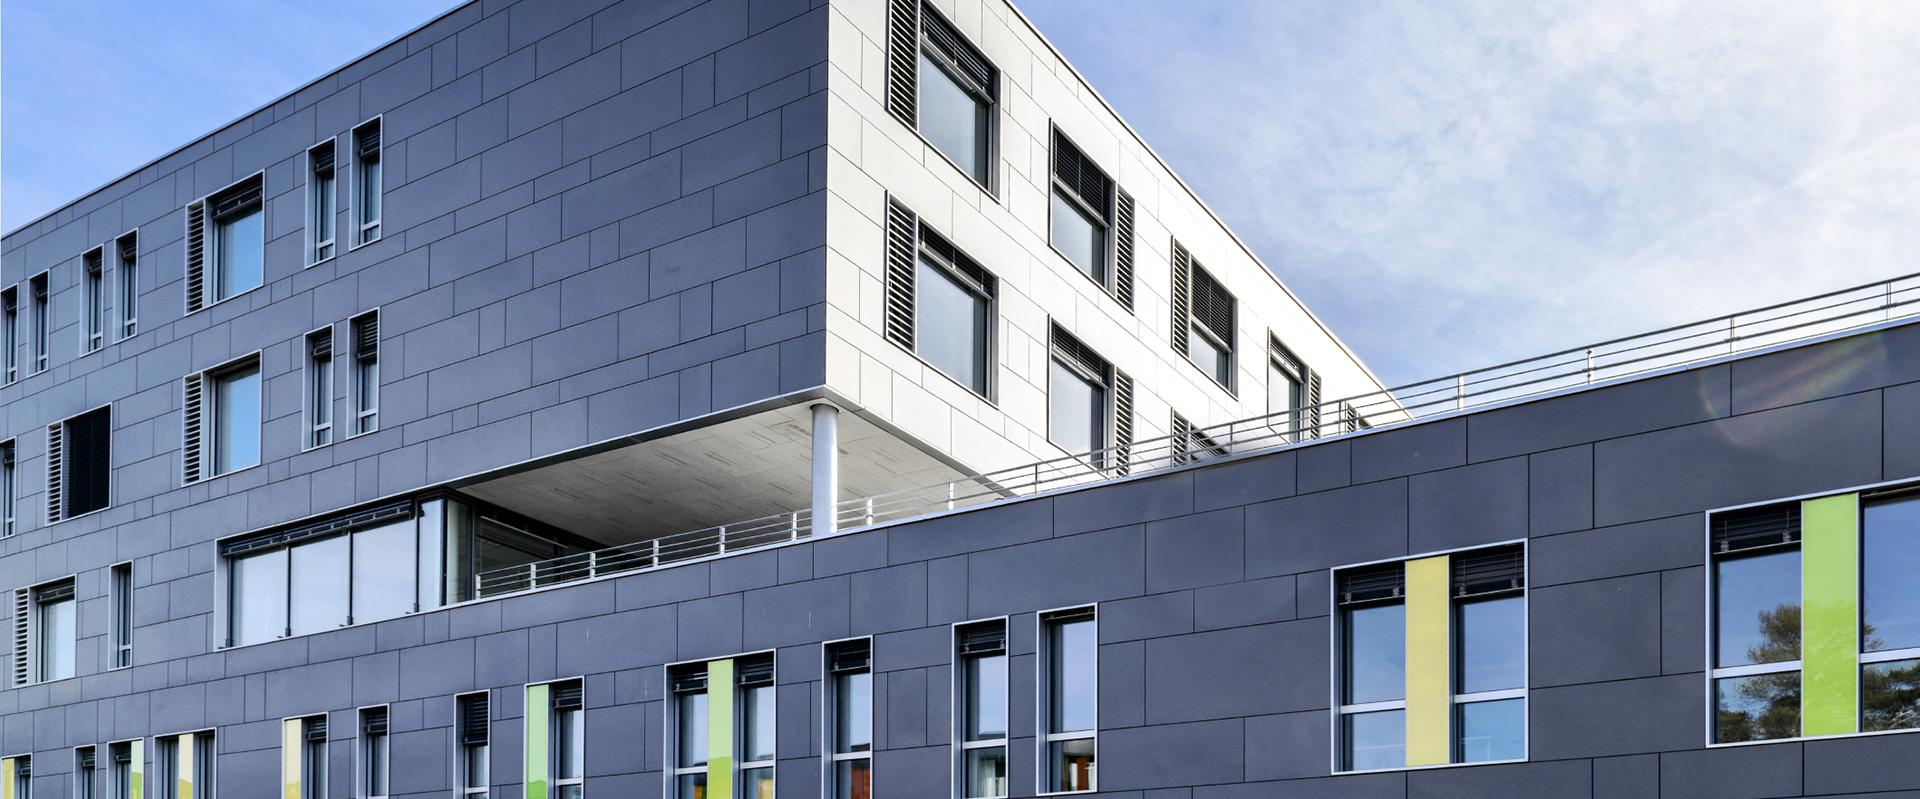 Architektenführung durch den UKB-Neubau der Neurologie, Psychiatrie und Psychosomatik (NPP)